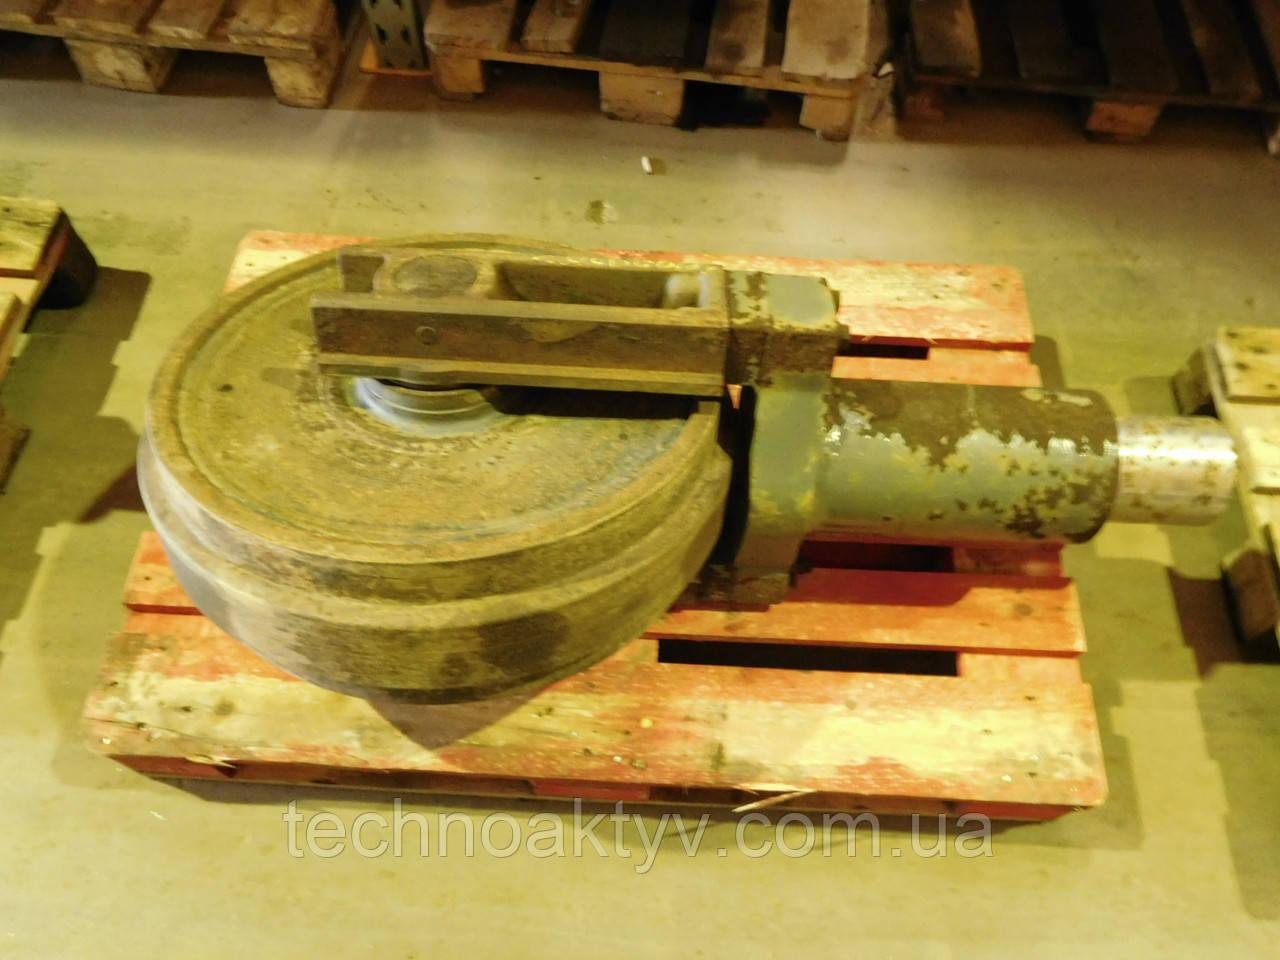 Направляющие (натяжные) колеса - ленивец LIEBHERR R934, R941, R942, R944, R945, R952, R954